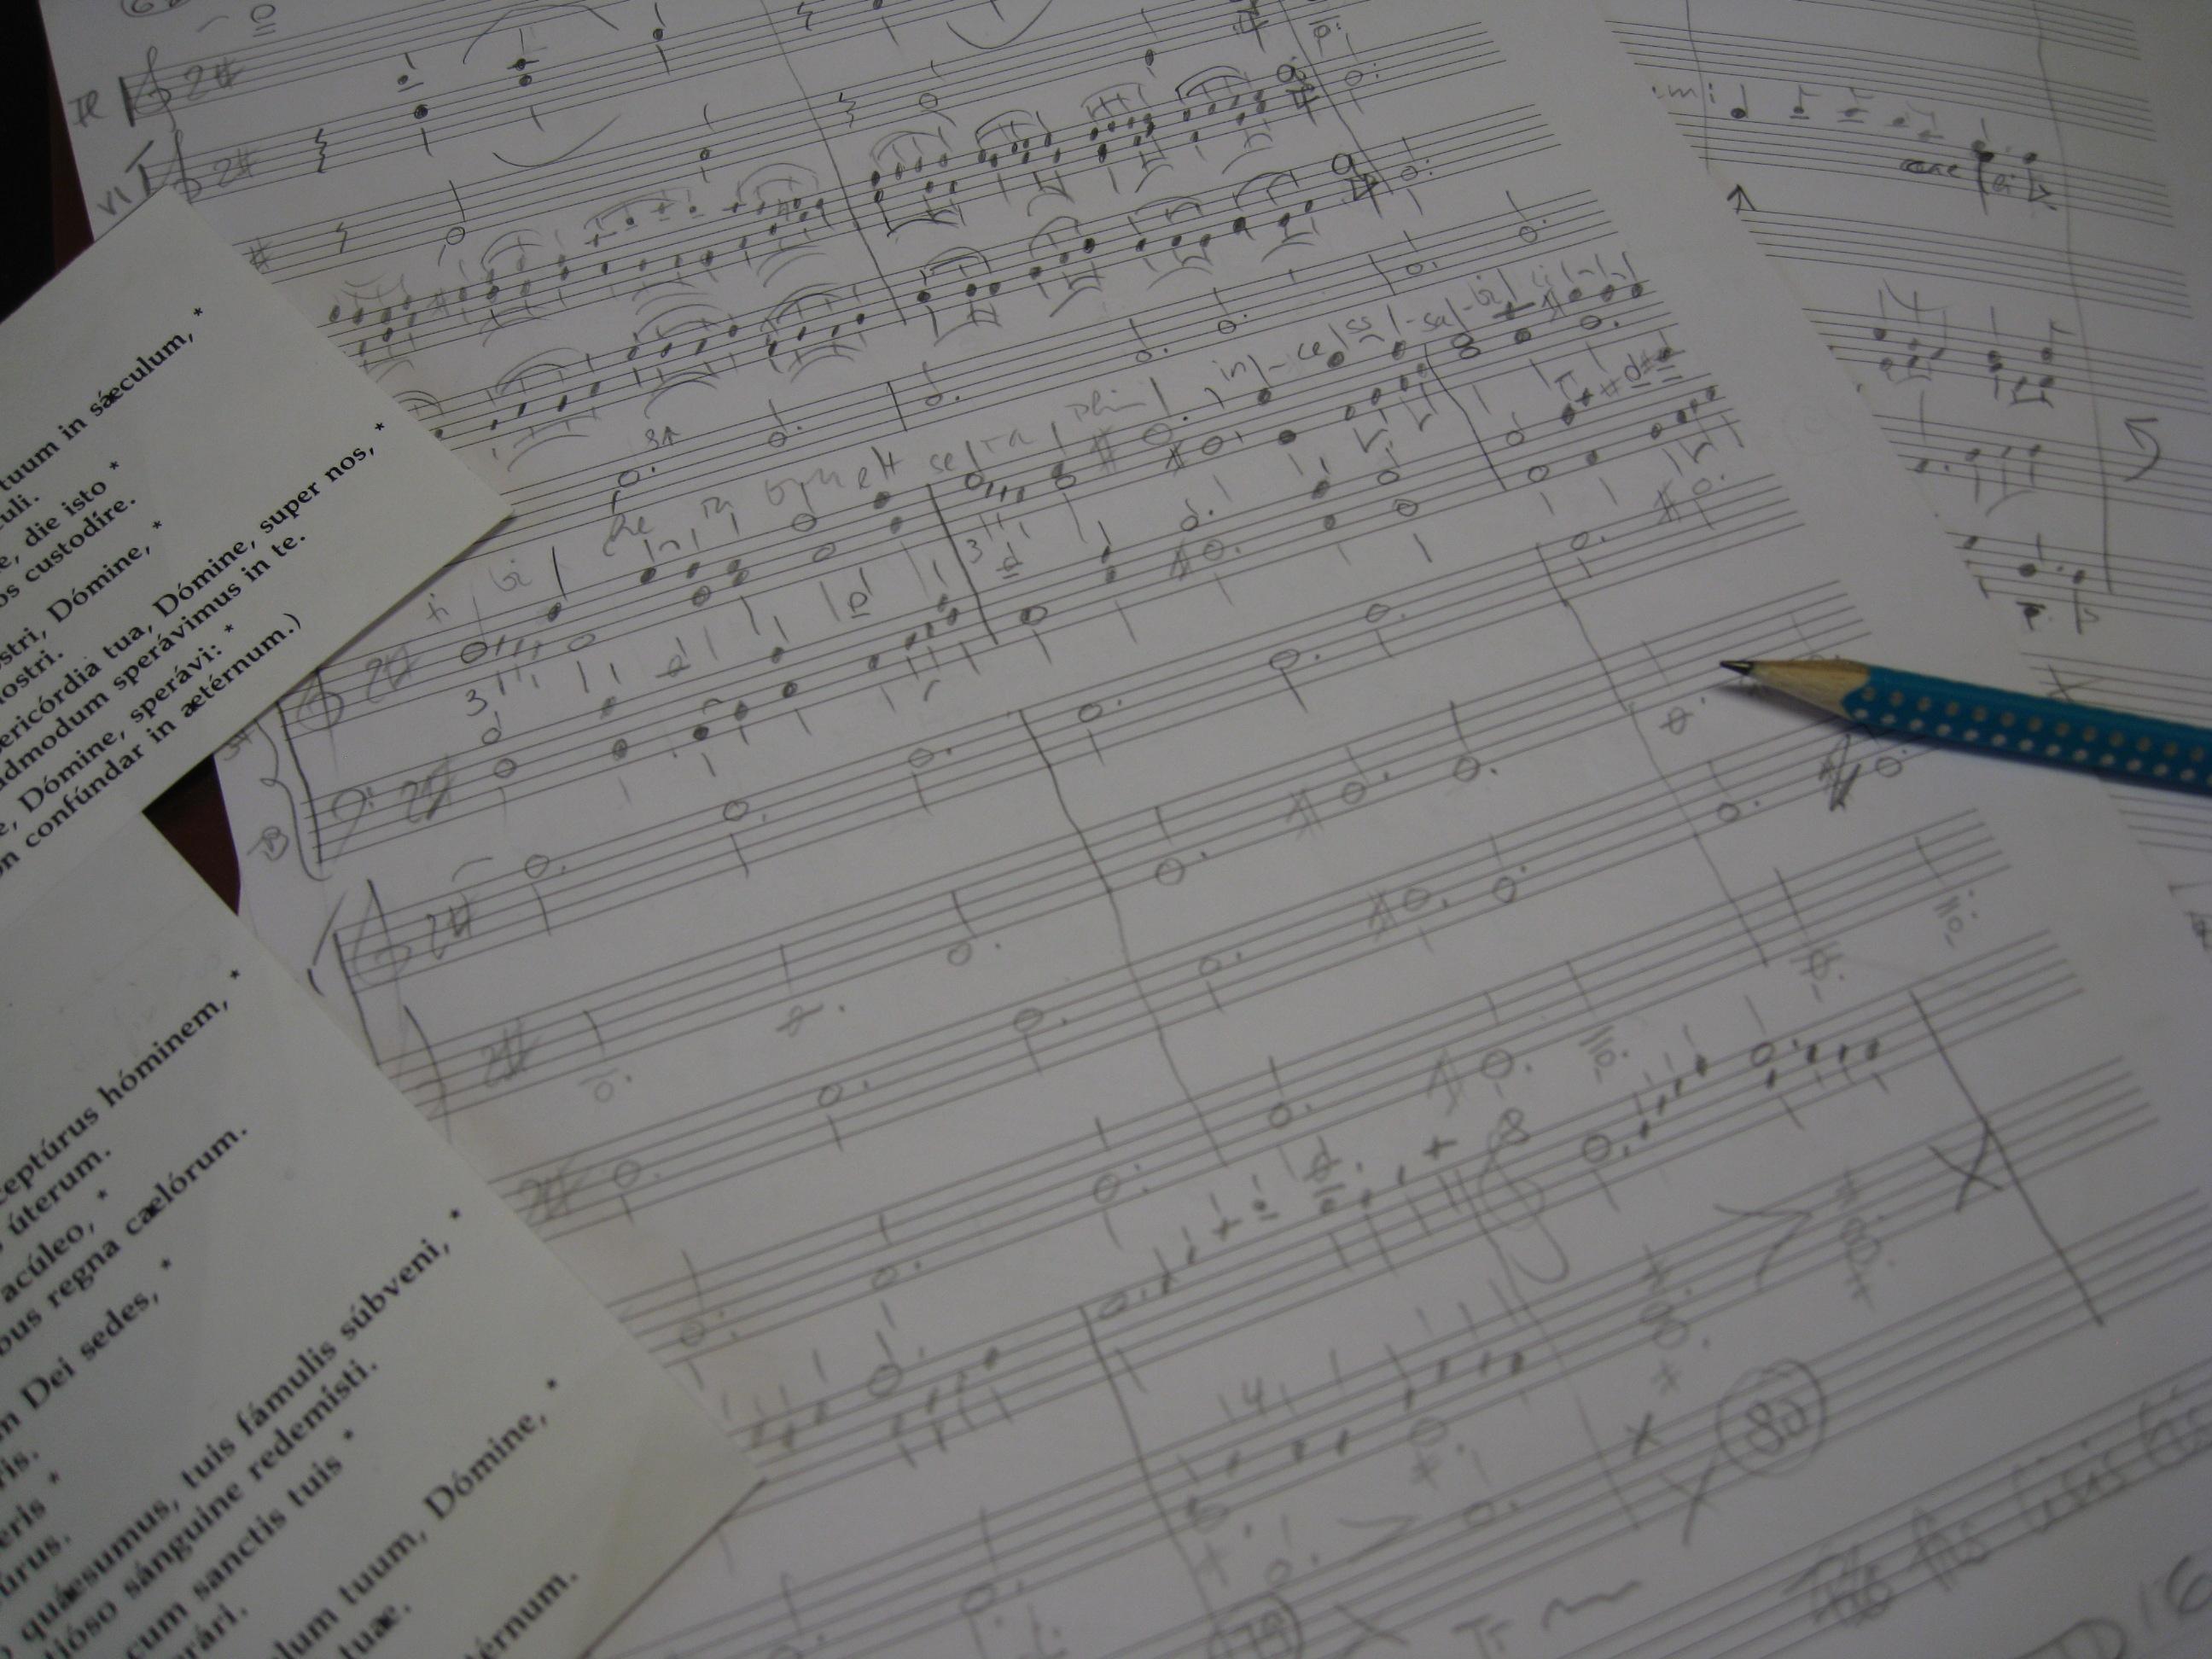 zeitgenössische Musik